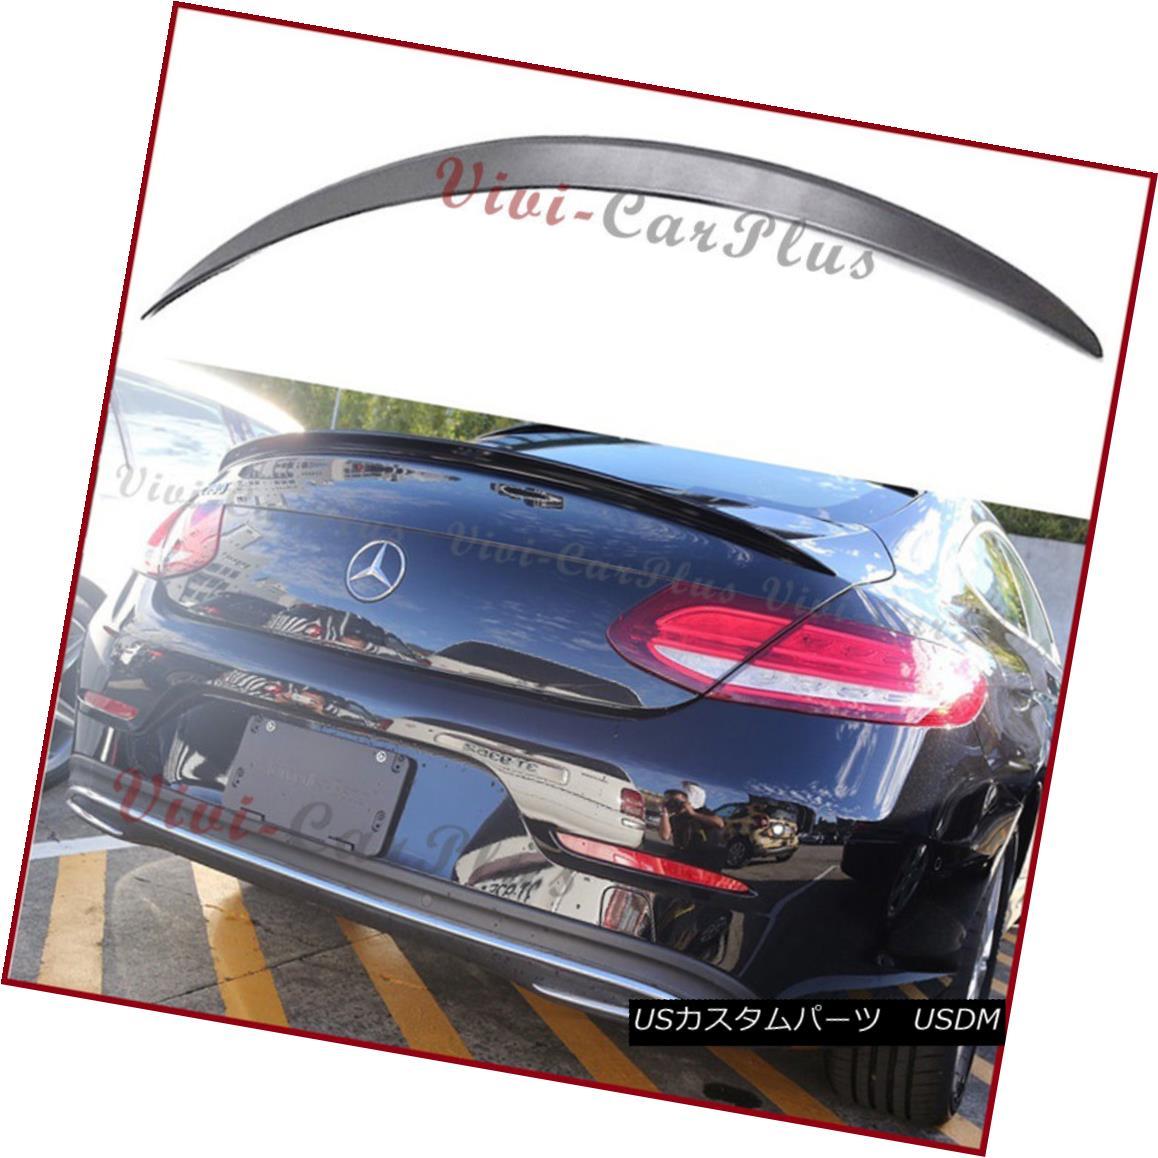 エアロパーツ UNPAINTED 2016+ Benz C205 C-Coupe C250 C350 C63 A Look Trunk Spoiler Add-On Tail UNPAINTED 2016+ベンツC205 CクーペC250 C350 C63ルック・トランク・スポイラー・アドオン・テール